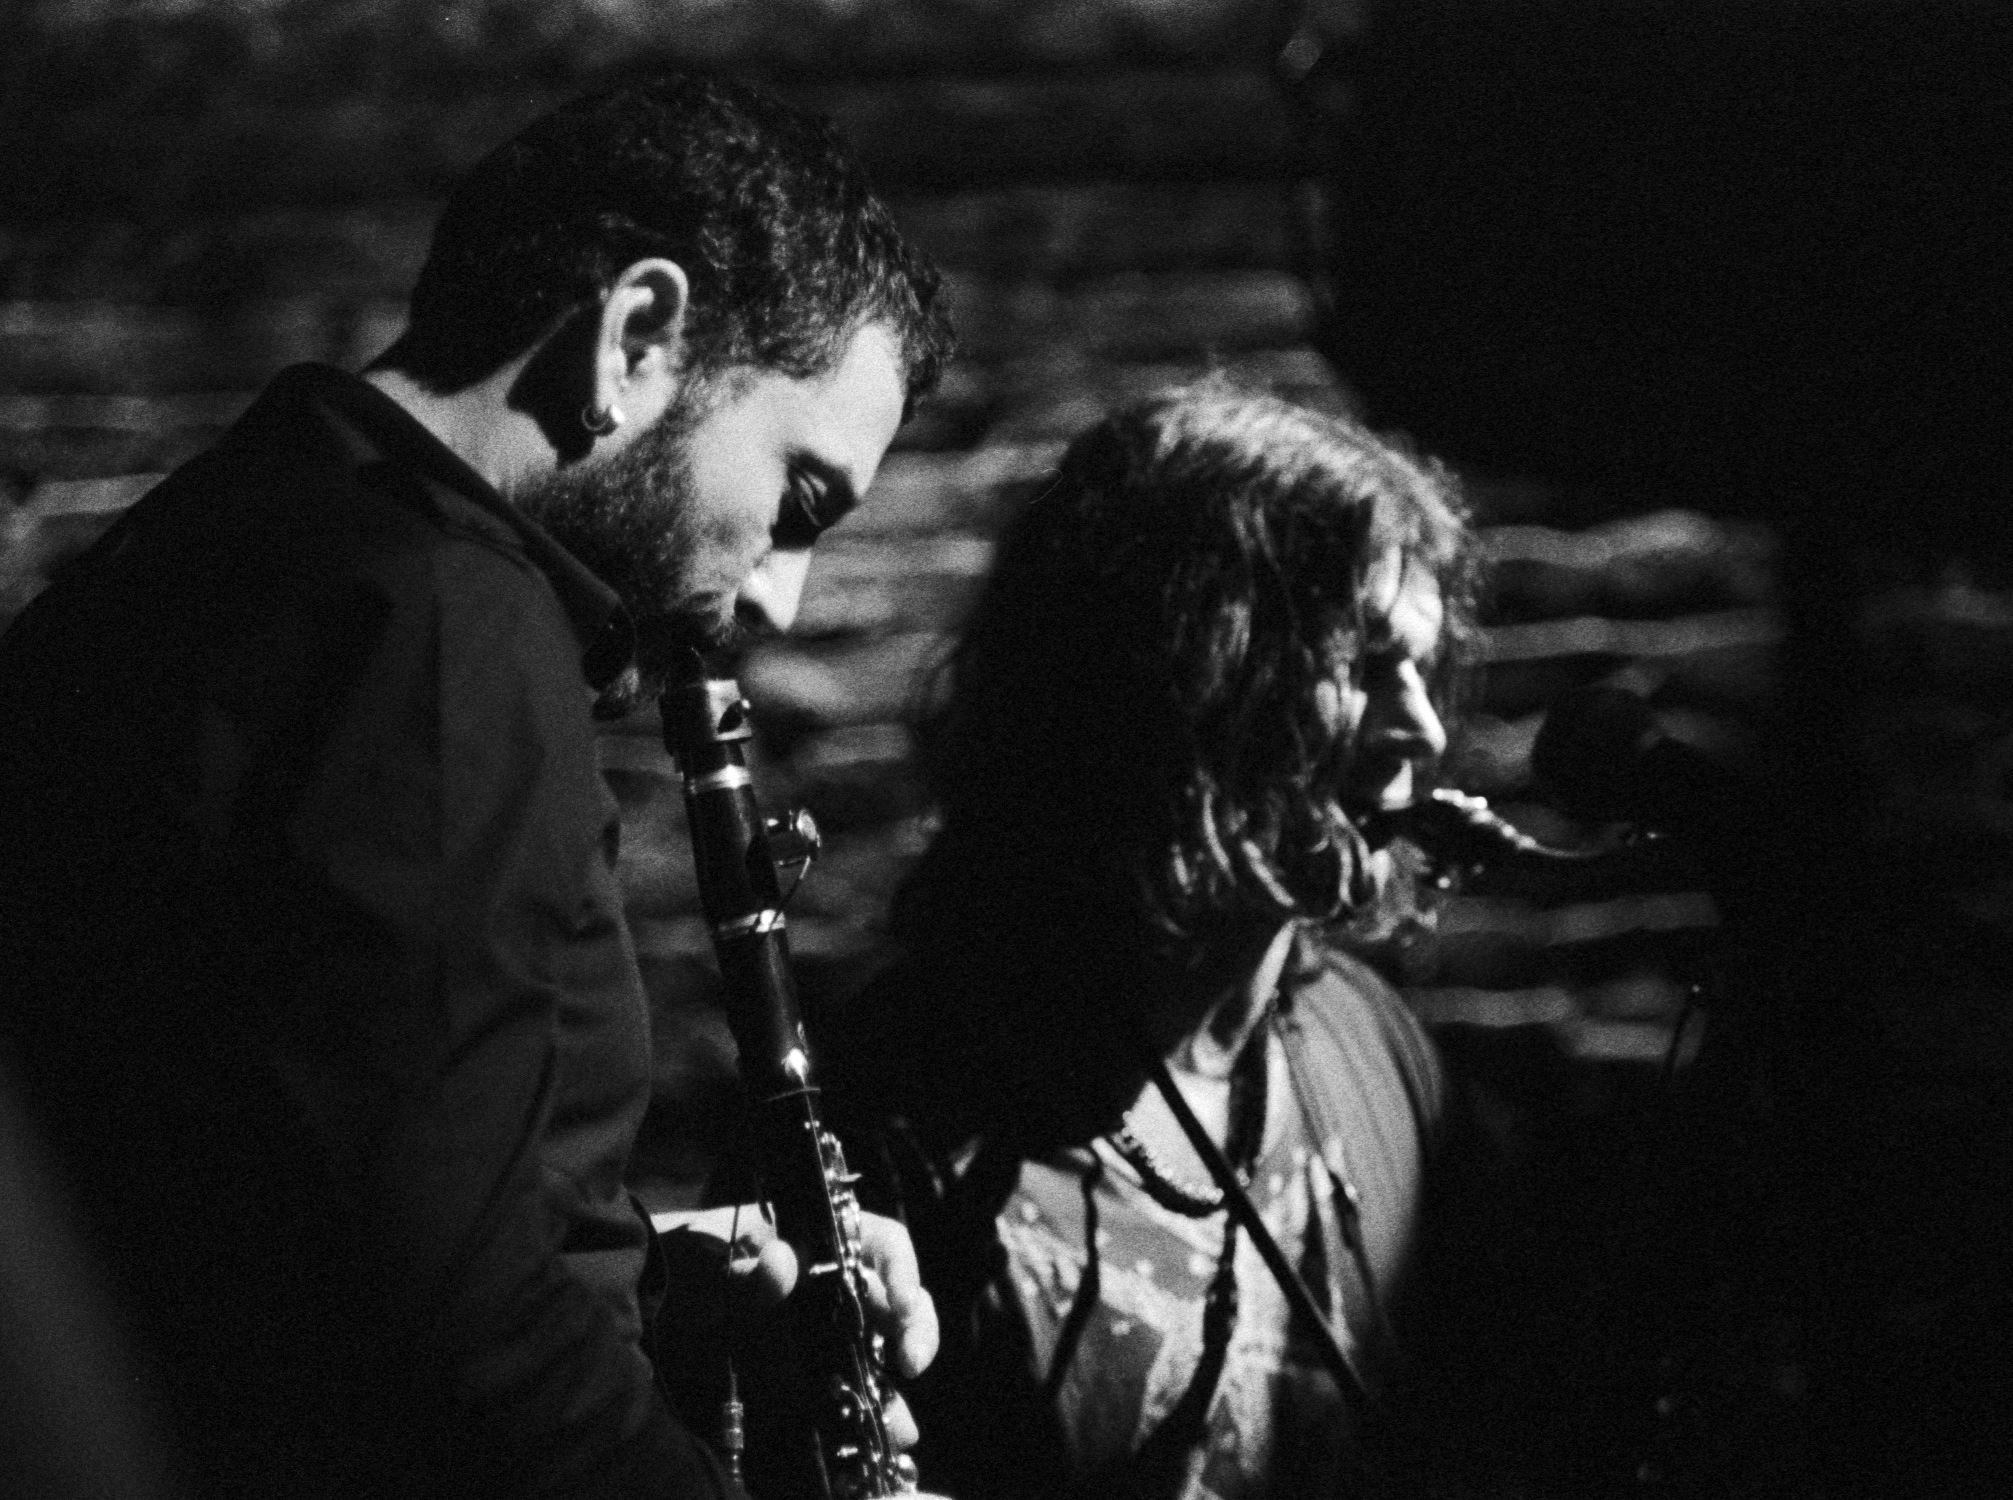 Birlikte Hayata sunar: İlhan Erşahin's Wonderland feat. Hüsnü Şenlendirici